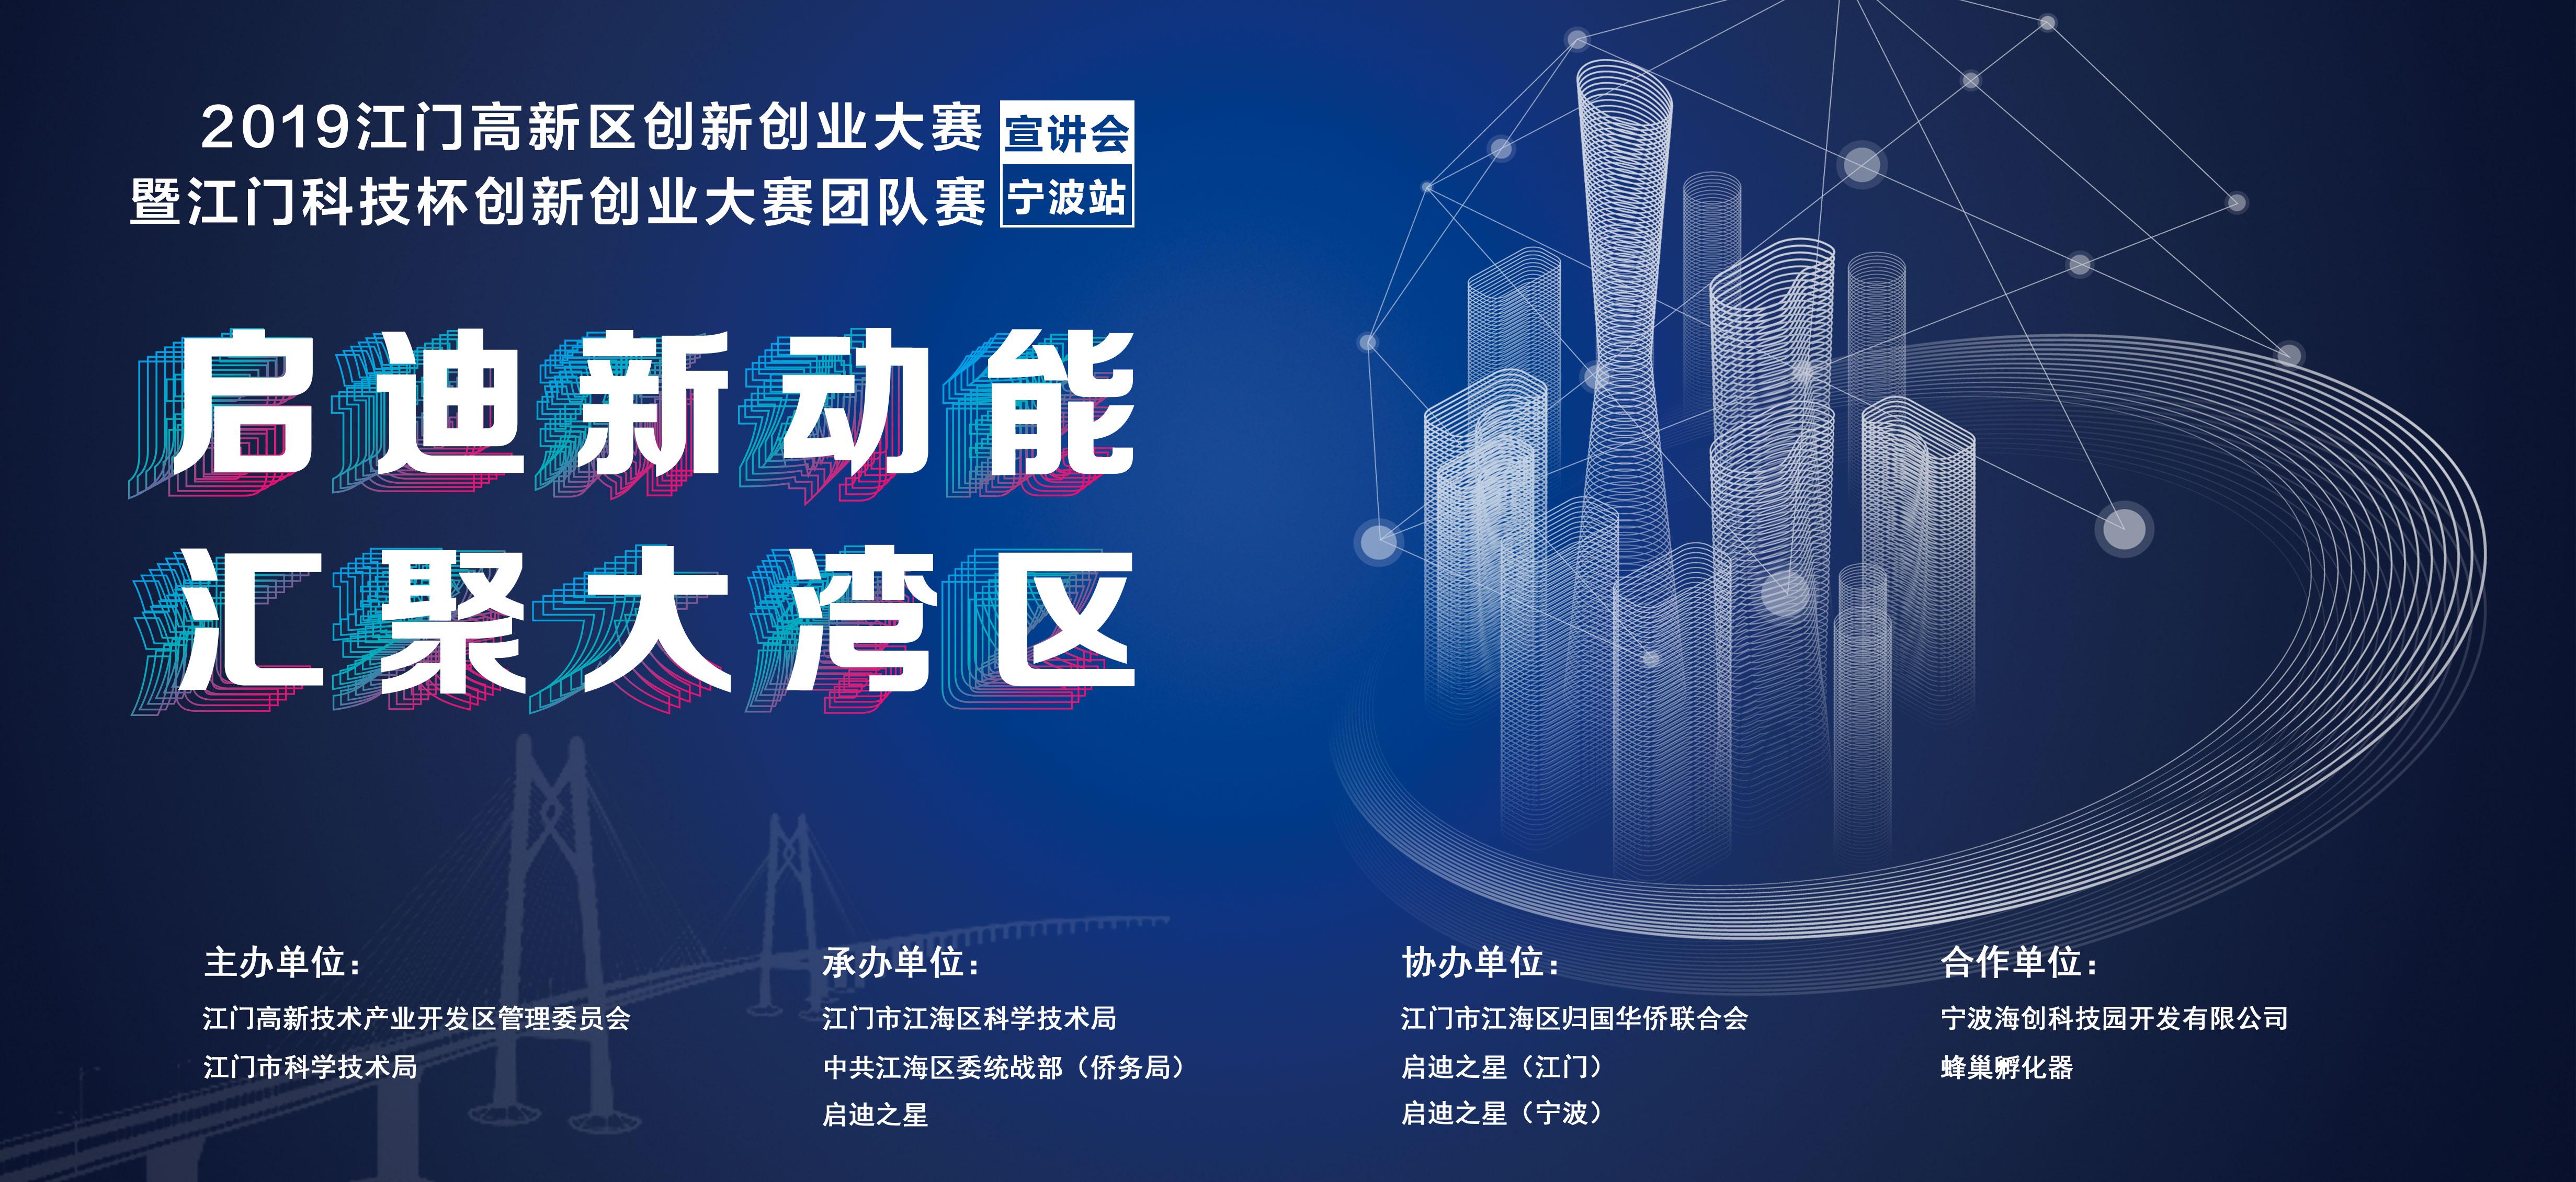 """江门市""""科技杯""""创新创业大赛-华东赛区启动仪式"""